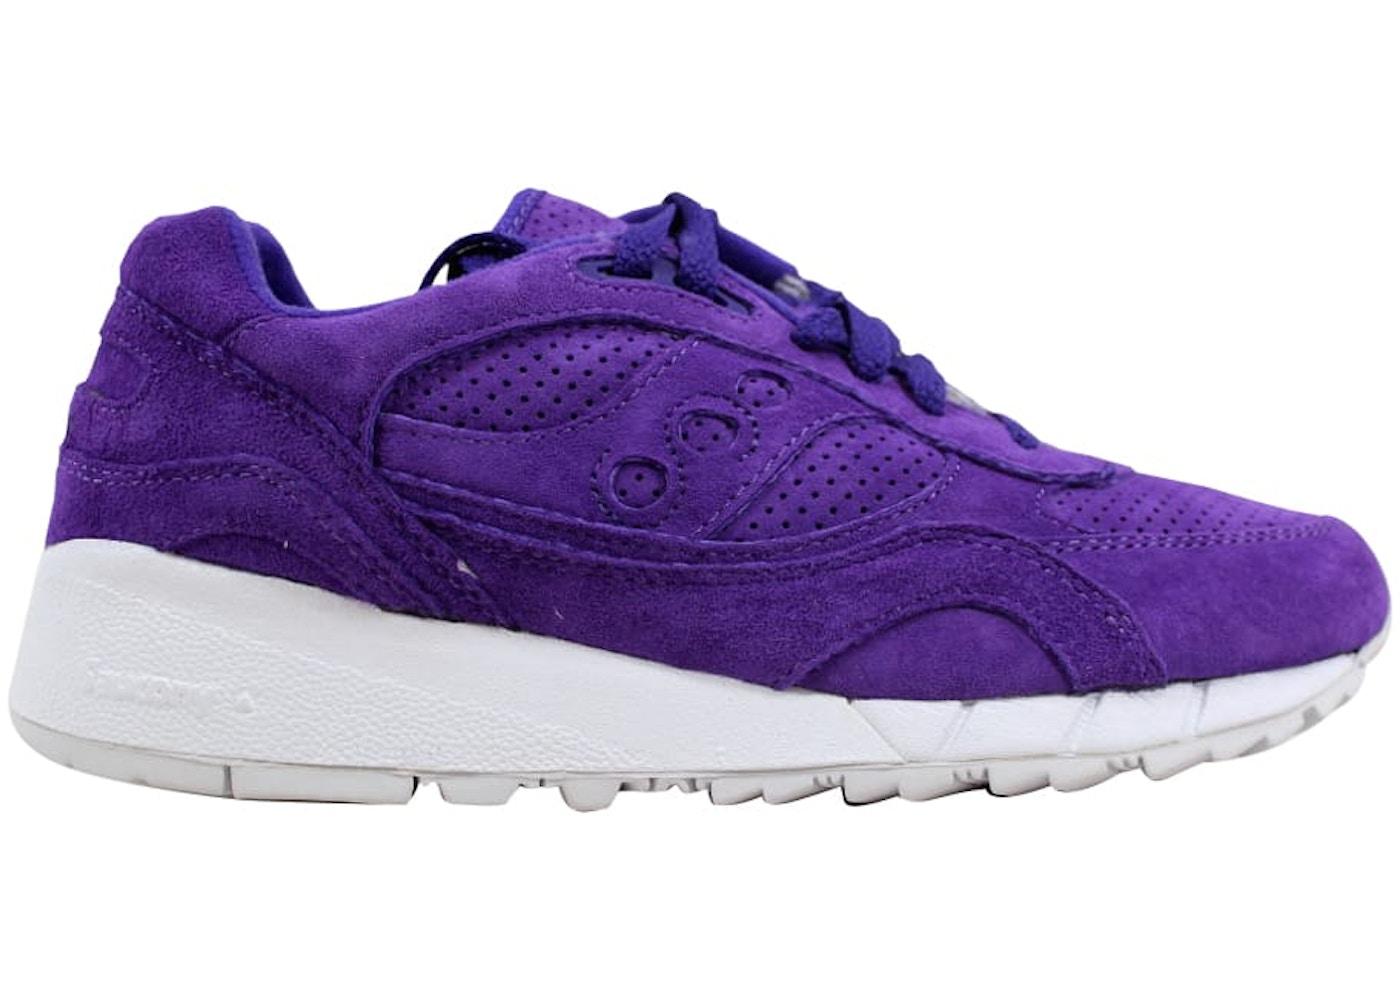 buy popular 7aaad 8c6ea Saucony Shadow 6000 Premium Sneaker Purple